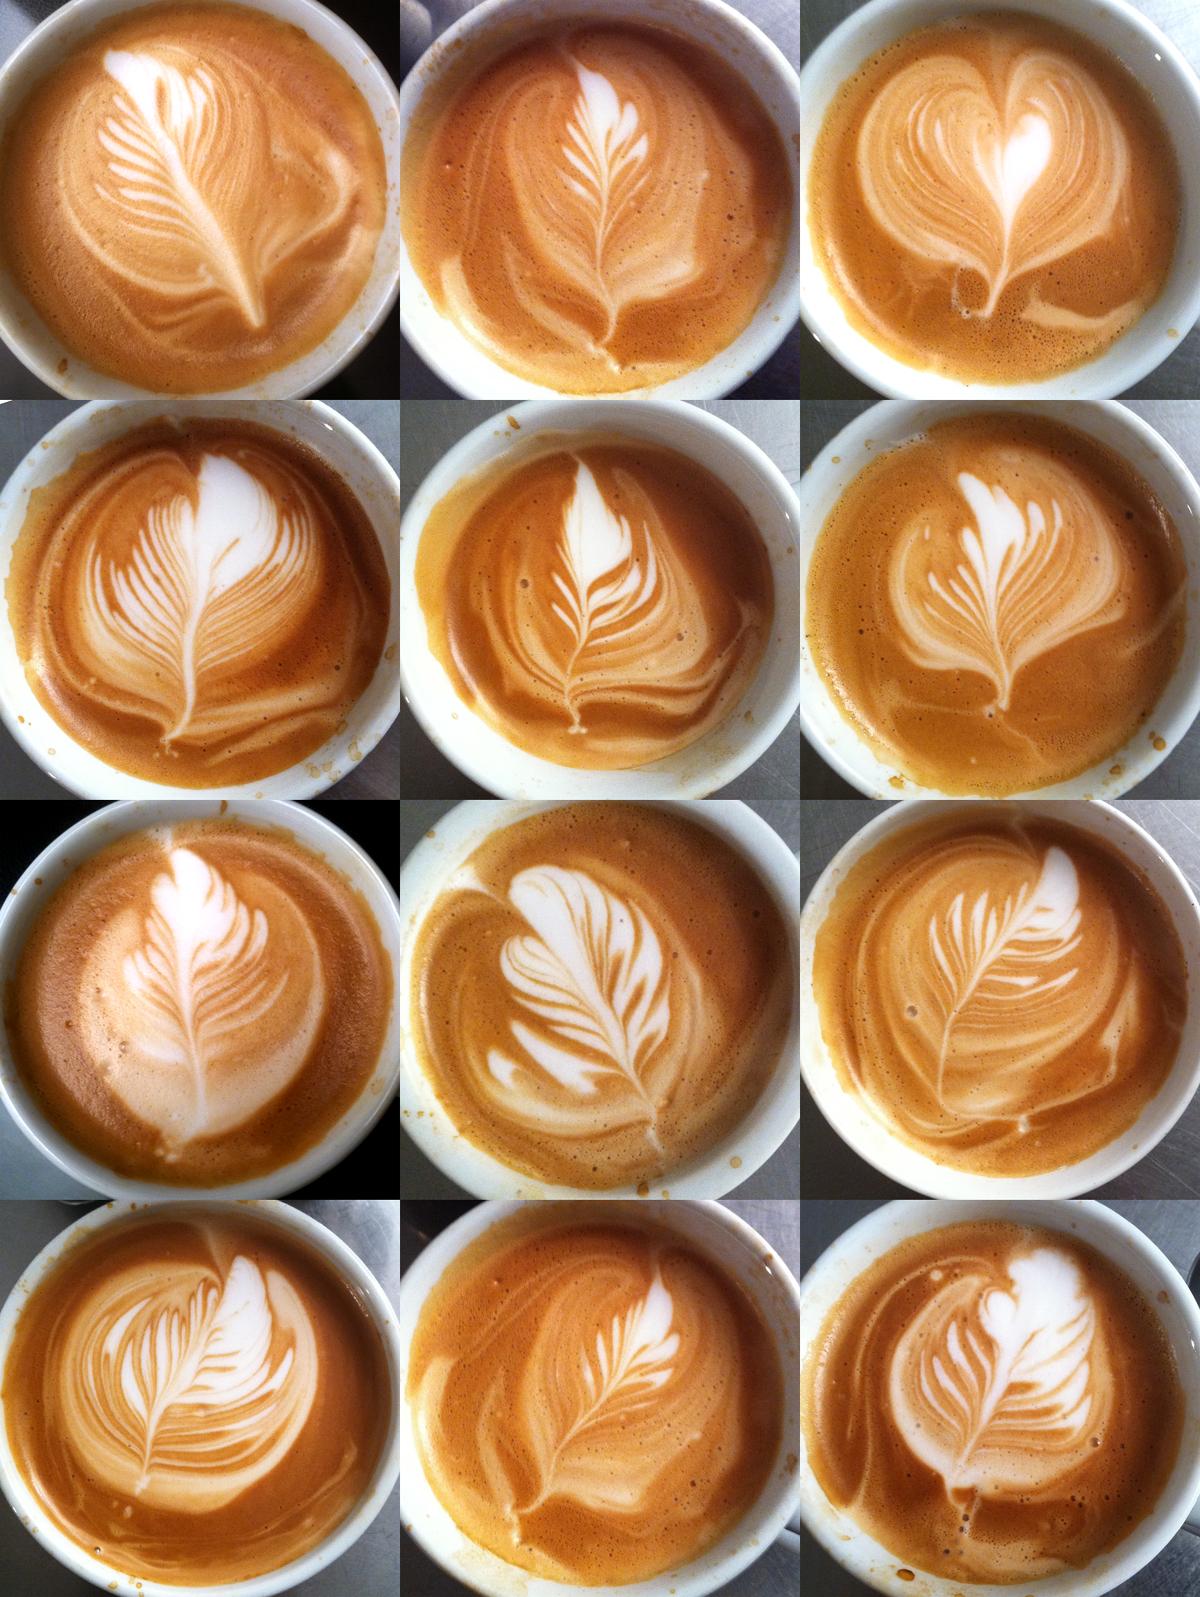 cafe latte art harold ross fine art photography. Black Bedroom Furniture Sets. Home Design Ideas